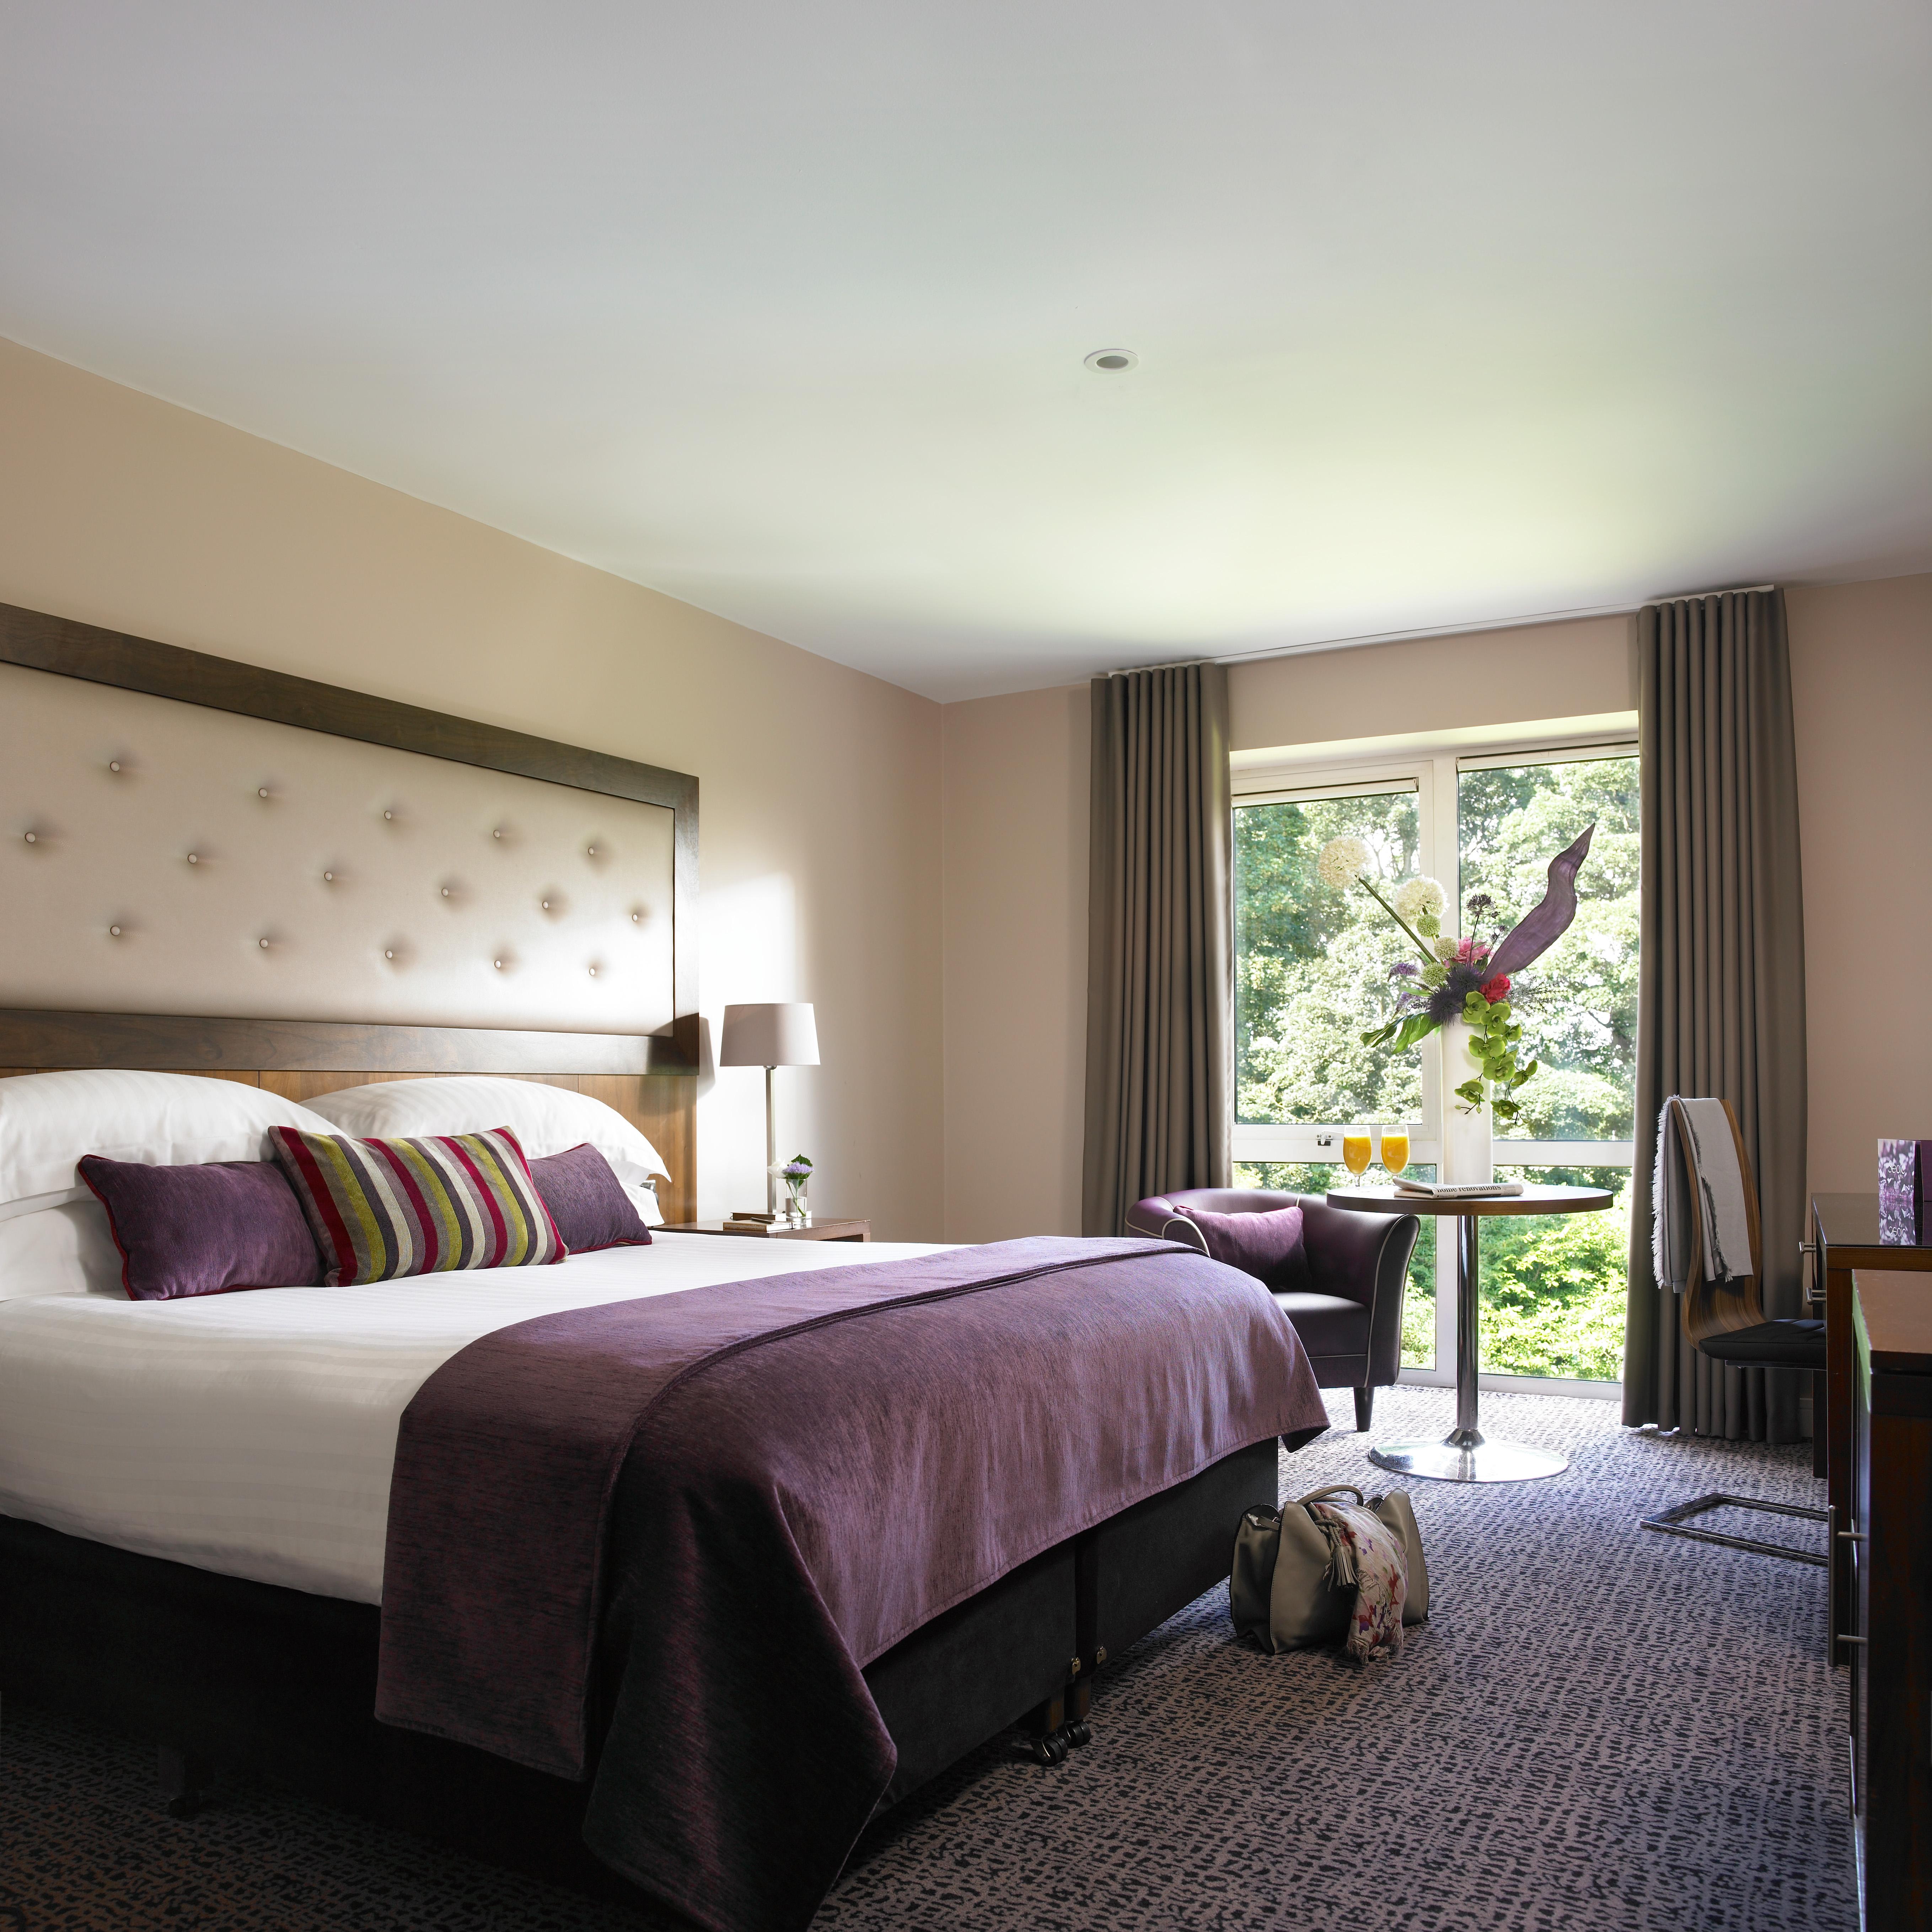 Deluxe Hotel Rooms near Dublin  Dunboyne Castle Hotel  Spa